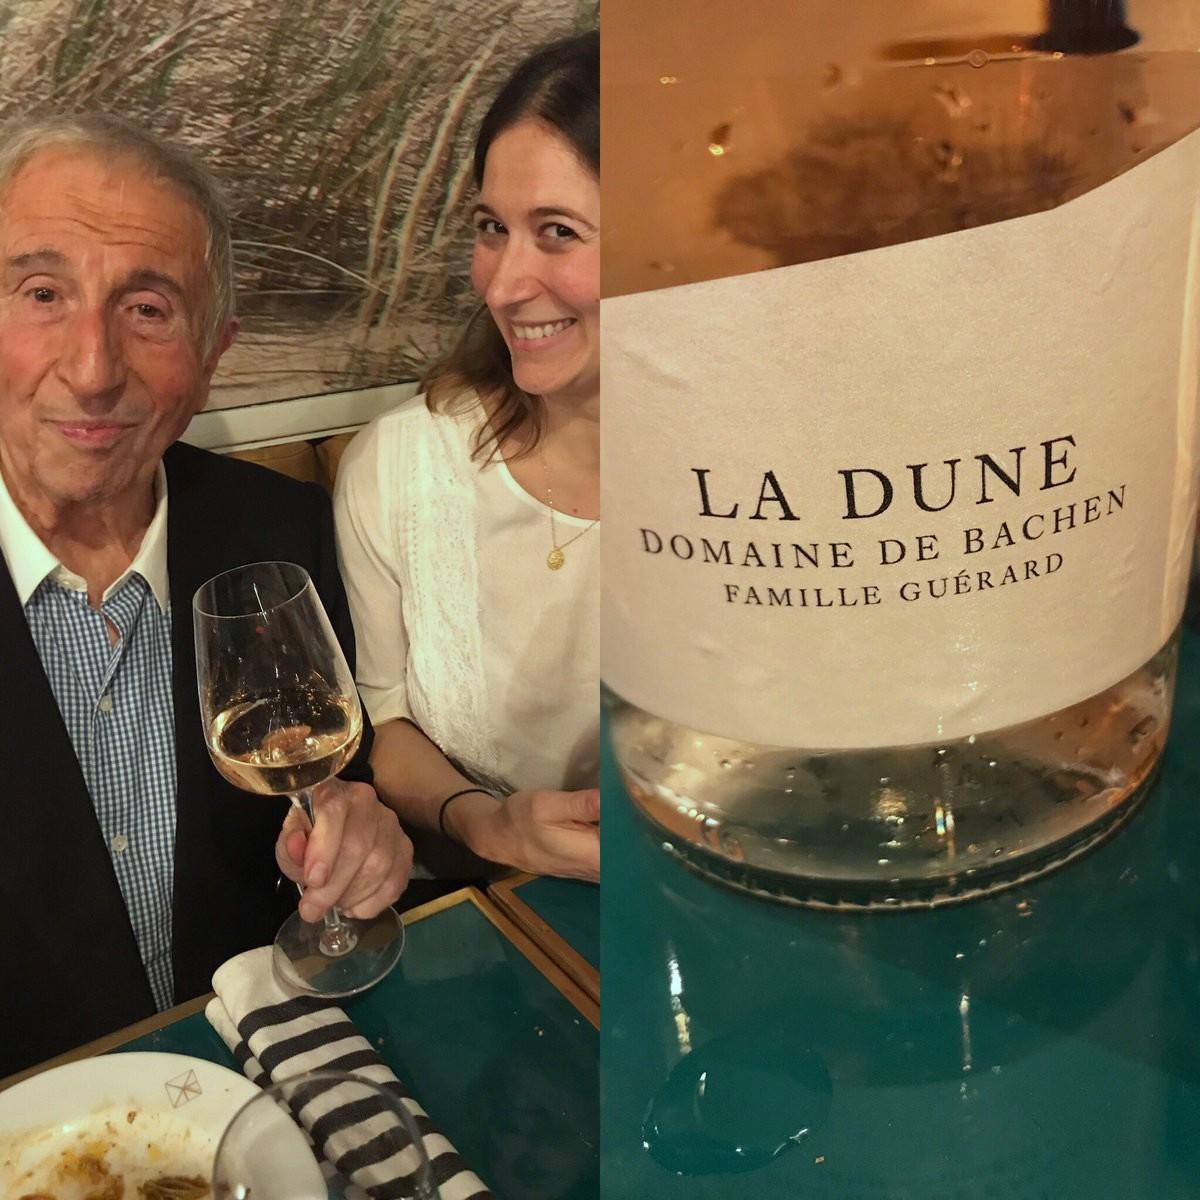 Michel Guérard et sa fille Eléonore heureux avec leur nouveau rosé La Dune fait en complicité avec OsminCie ©DR